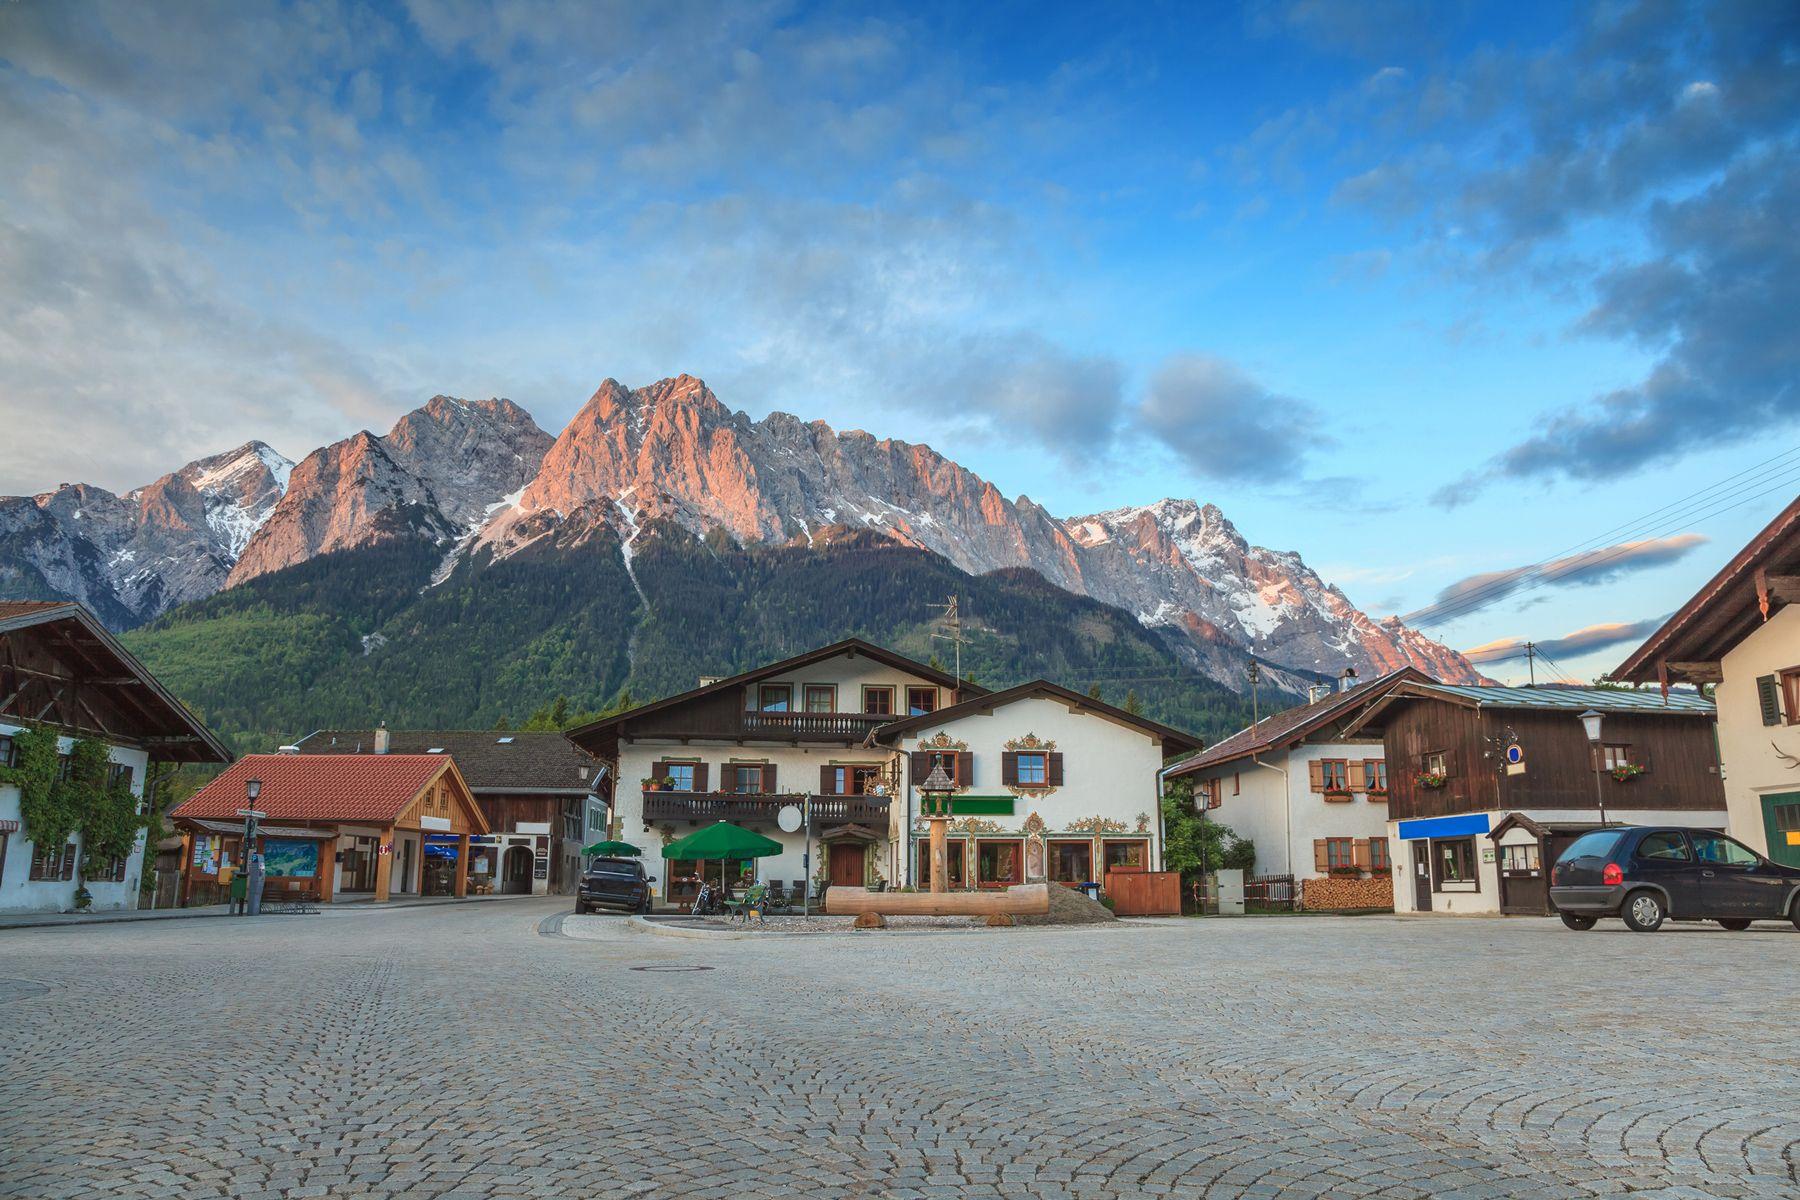 Garmisch Partenkirchen iStock527693115 web